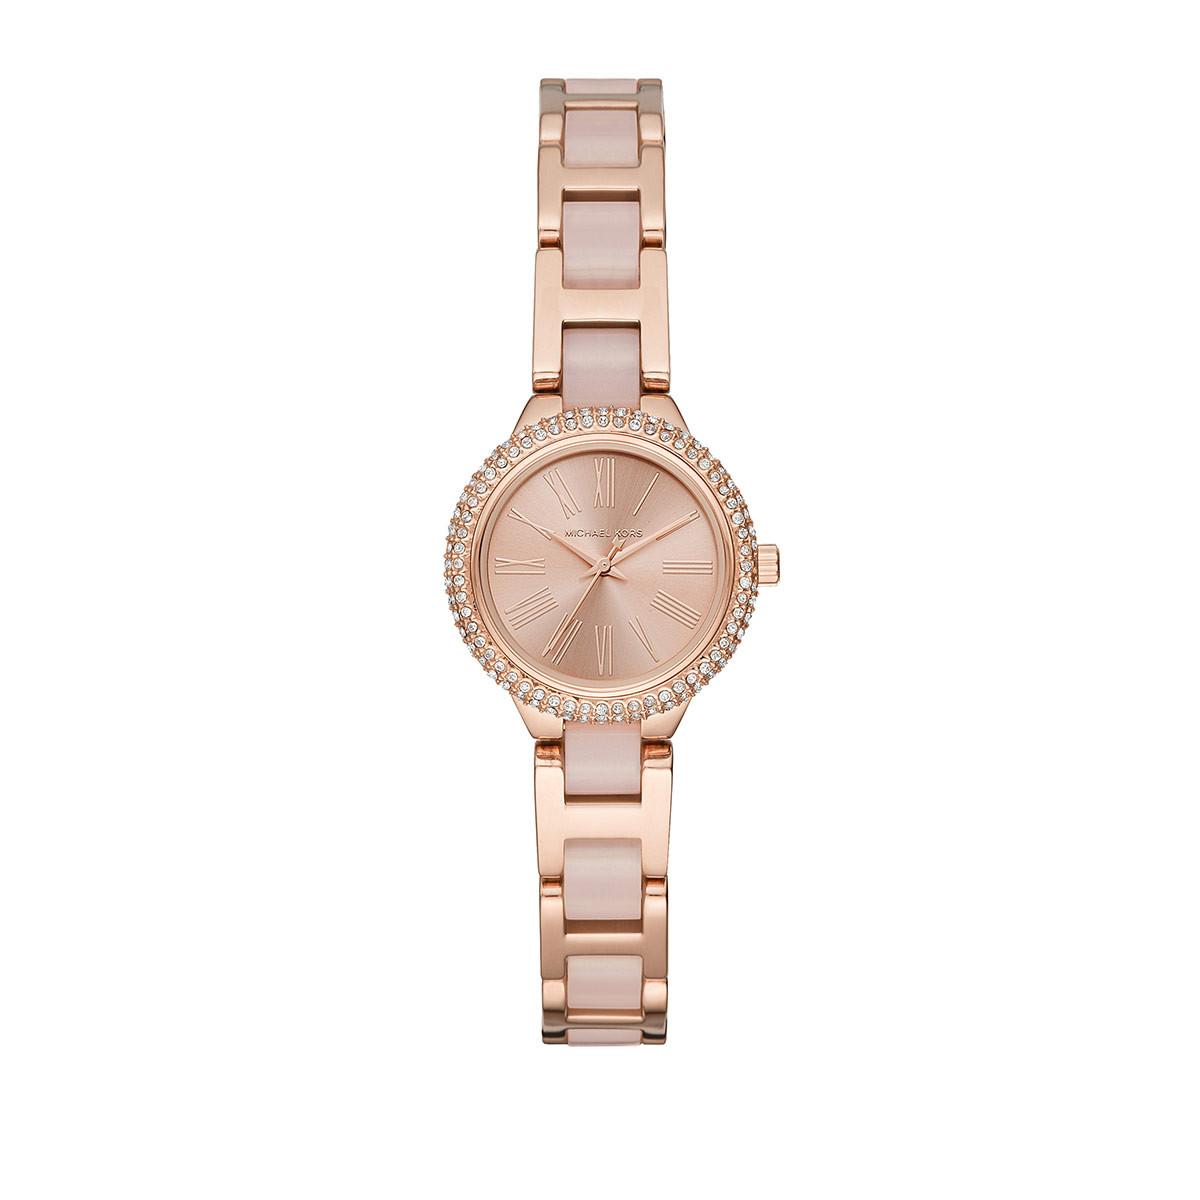 Verkoop Enorme Verrassing Outlet Origineel SeJr1Z9xke Horloges - Ladies Taryn Rosegoud in roze voor dames Krijgen Verkoop Online Kopen Gratis Verzending Voor Nice leuk OBhUxn0